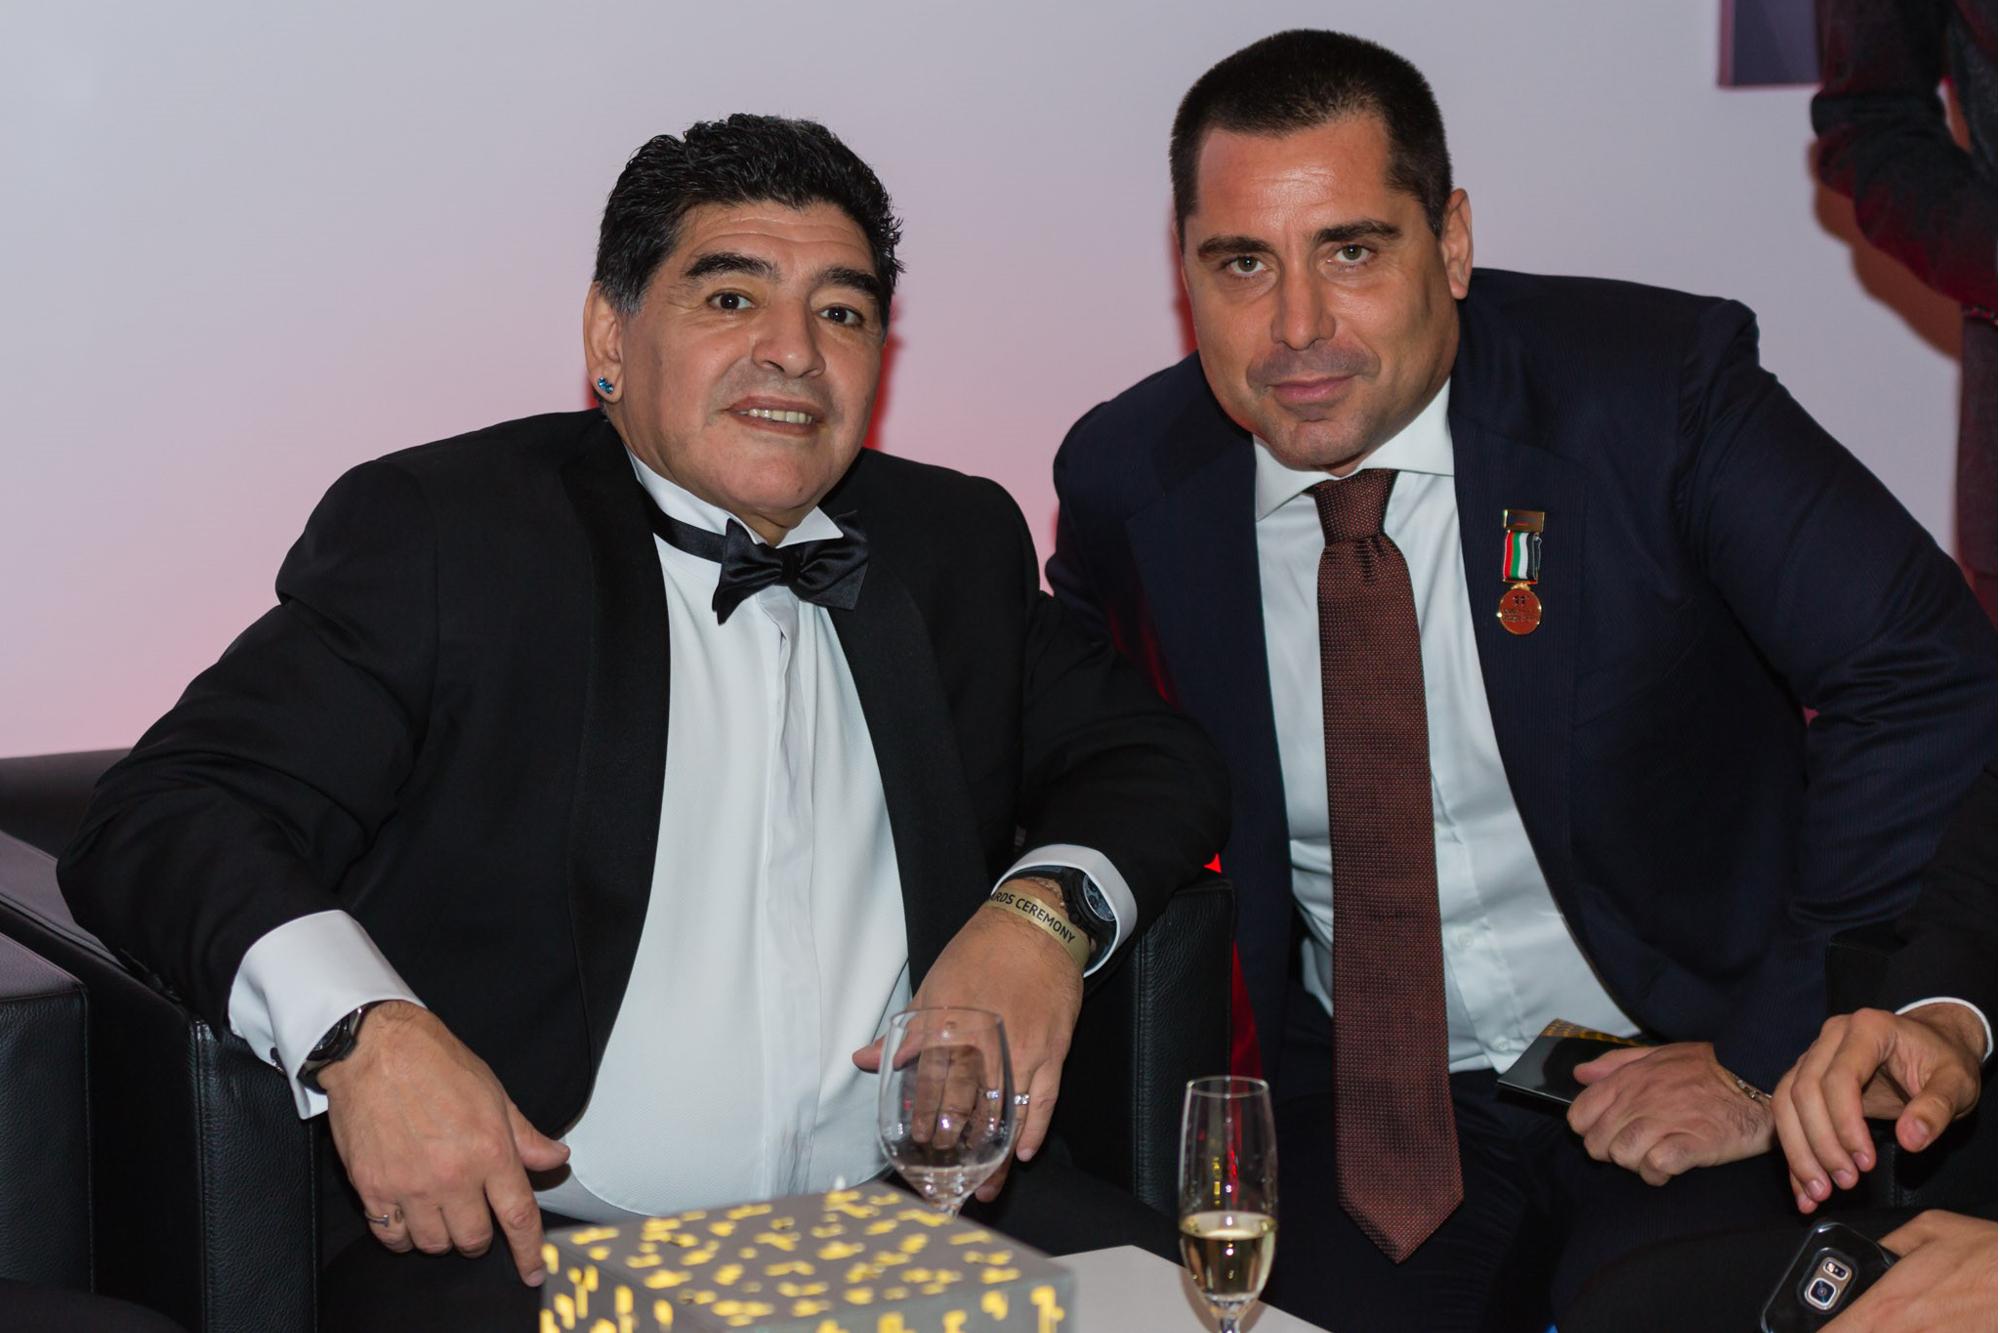 Riccardo Silva at the Globe Soccer Awards with Maradona